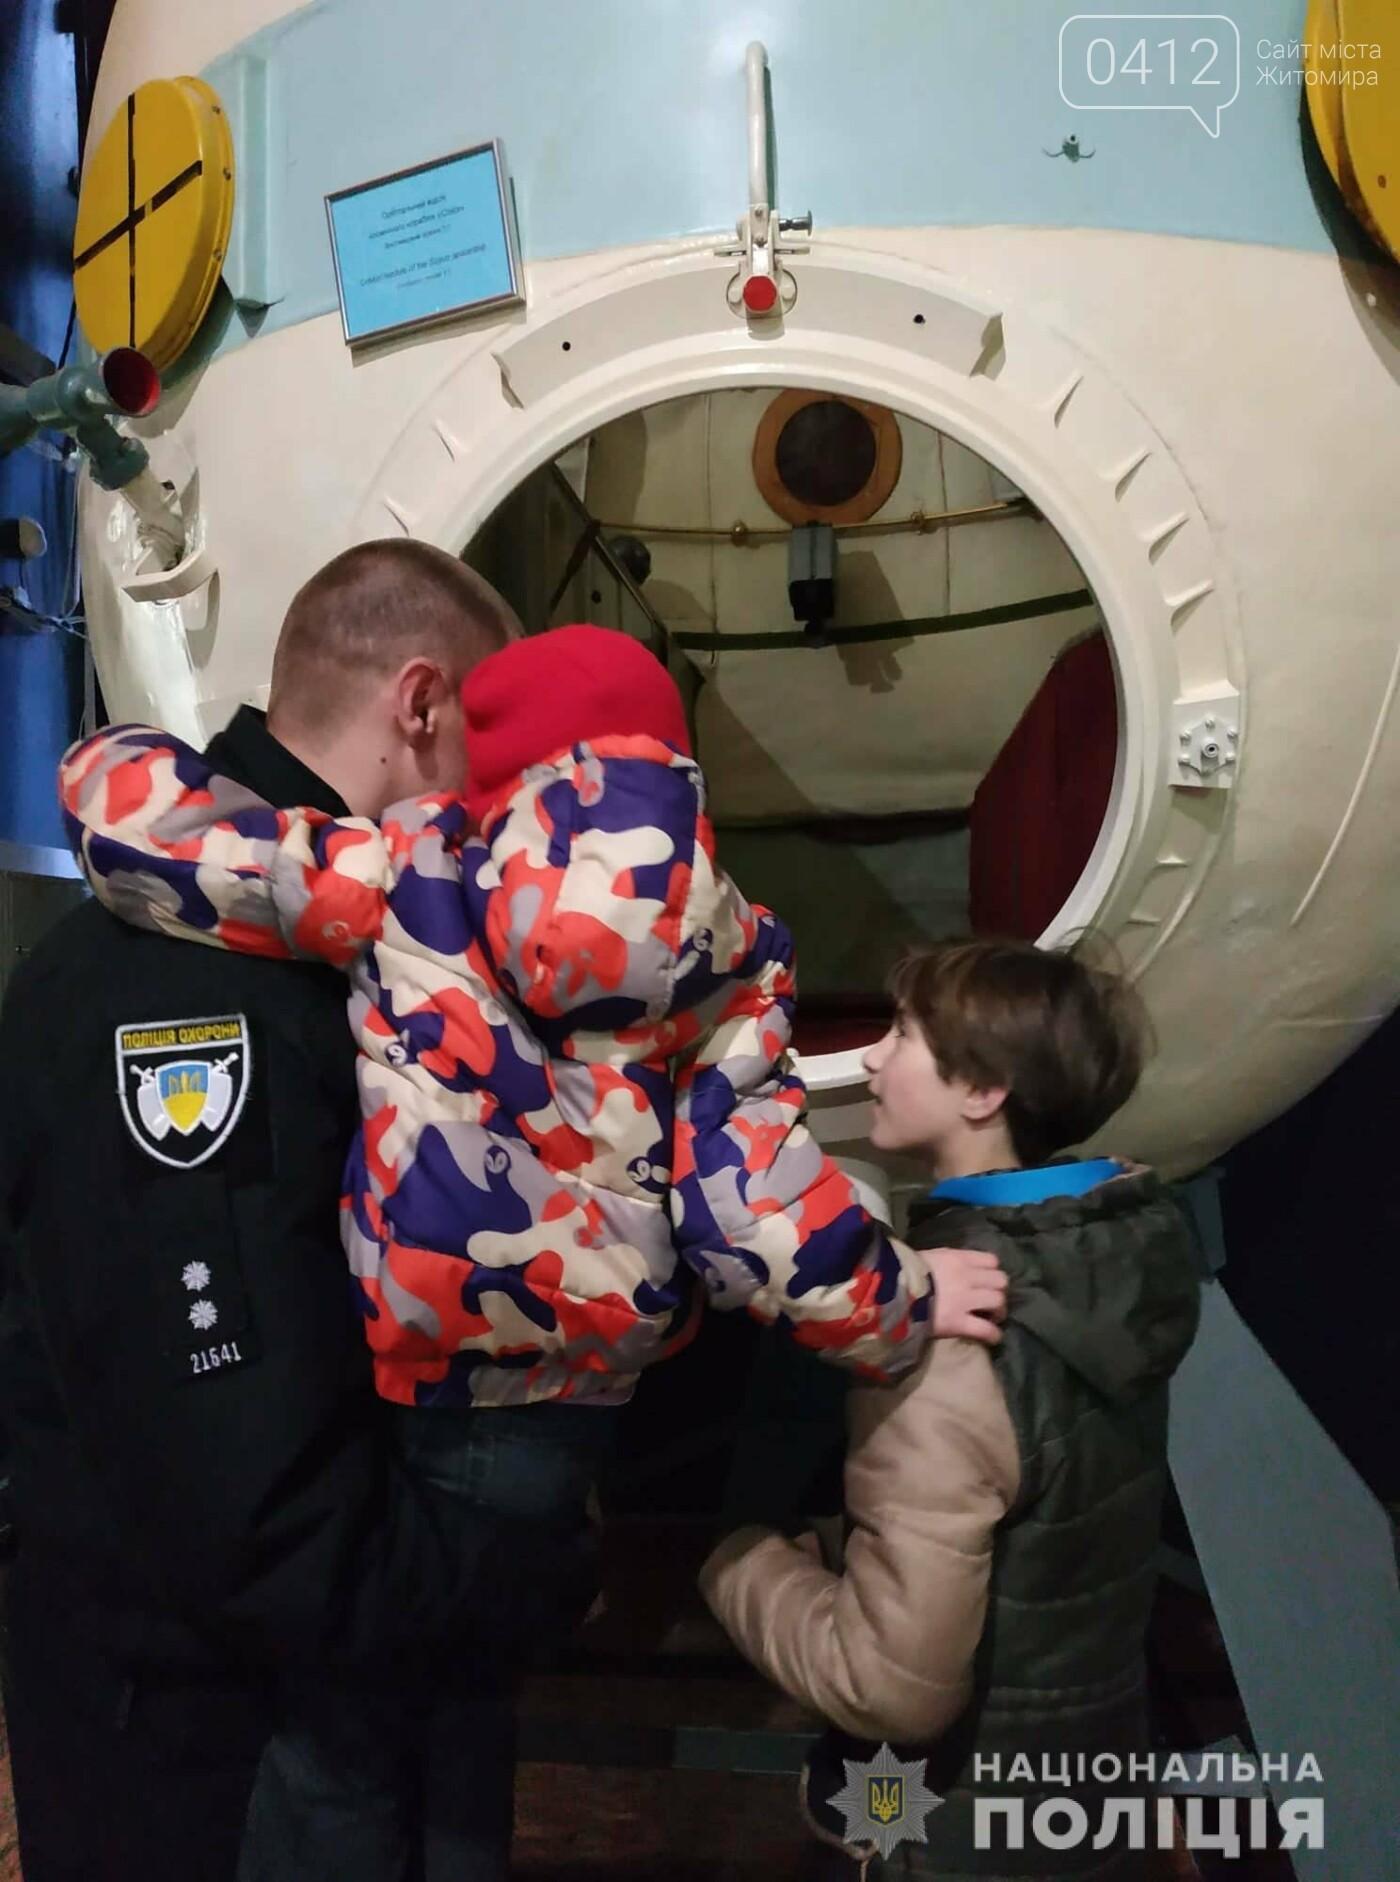 Поліцейські Житомирщини запросили на «космічну екскурсію» до музею , фото-4